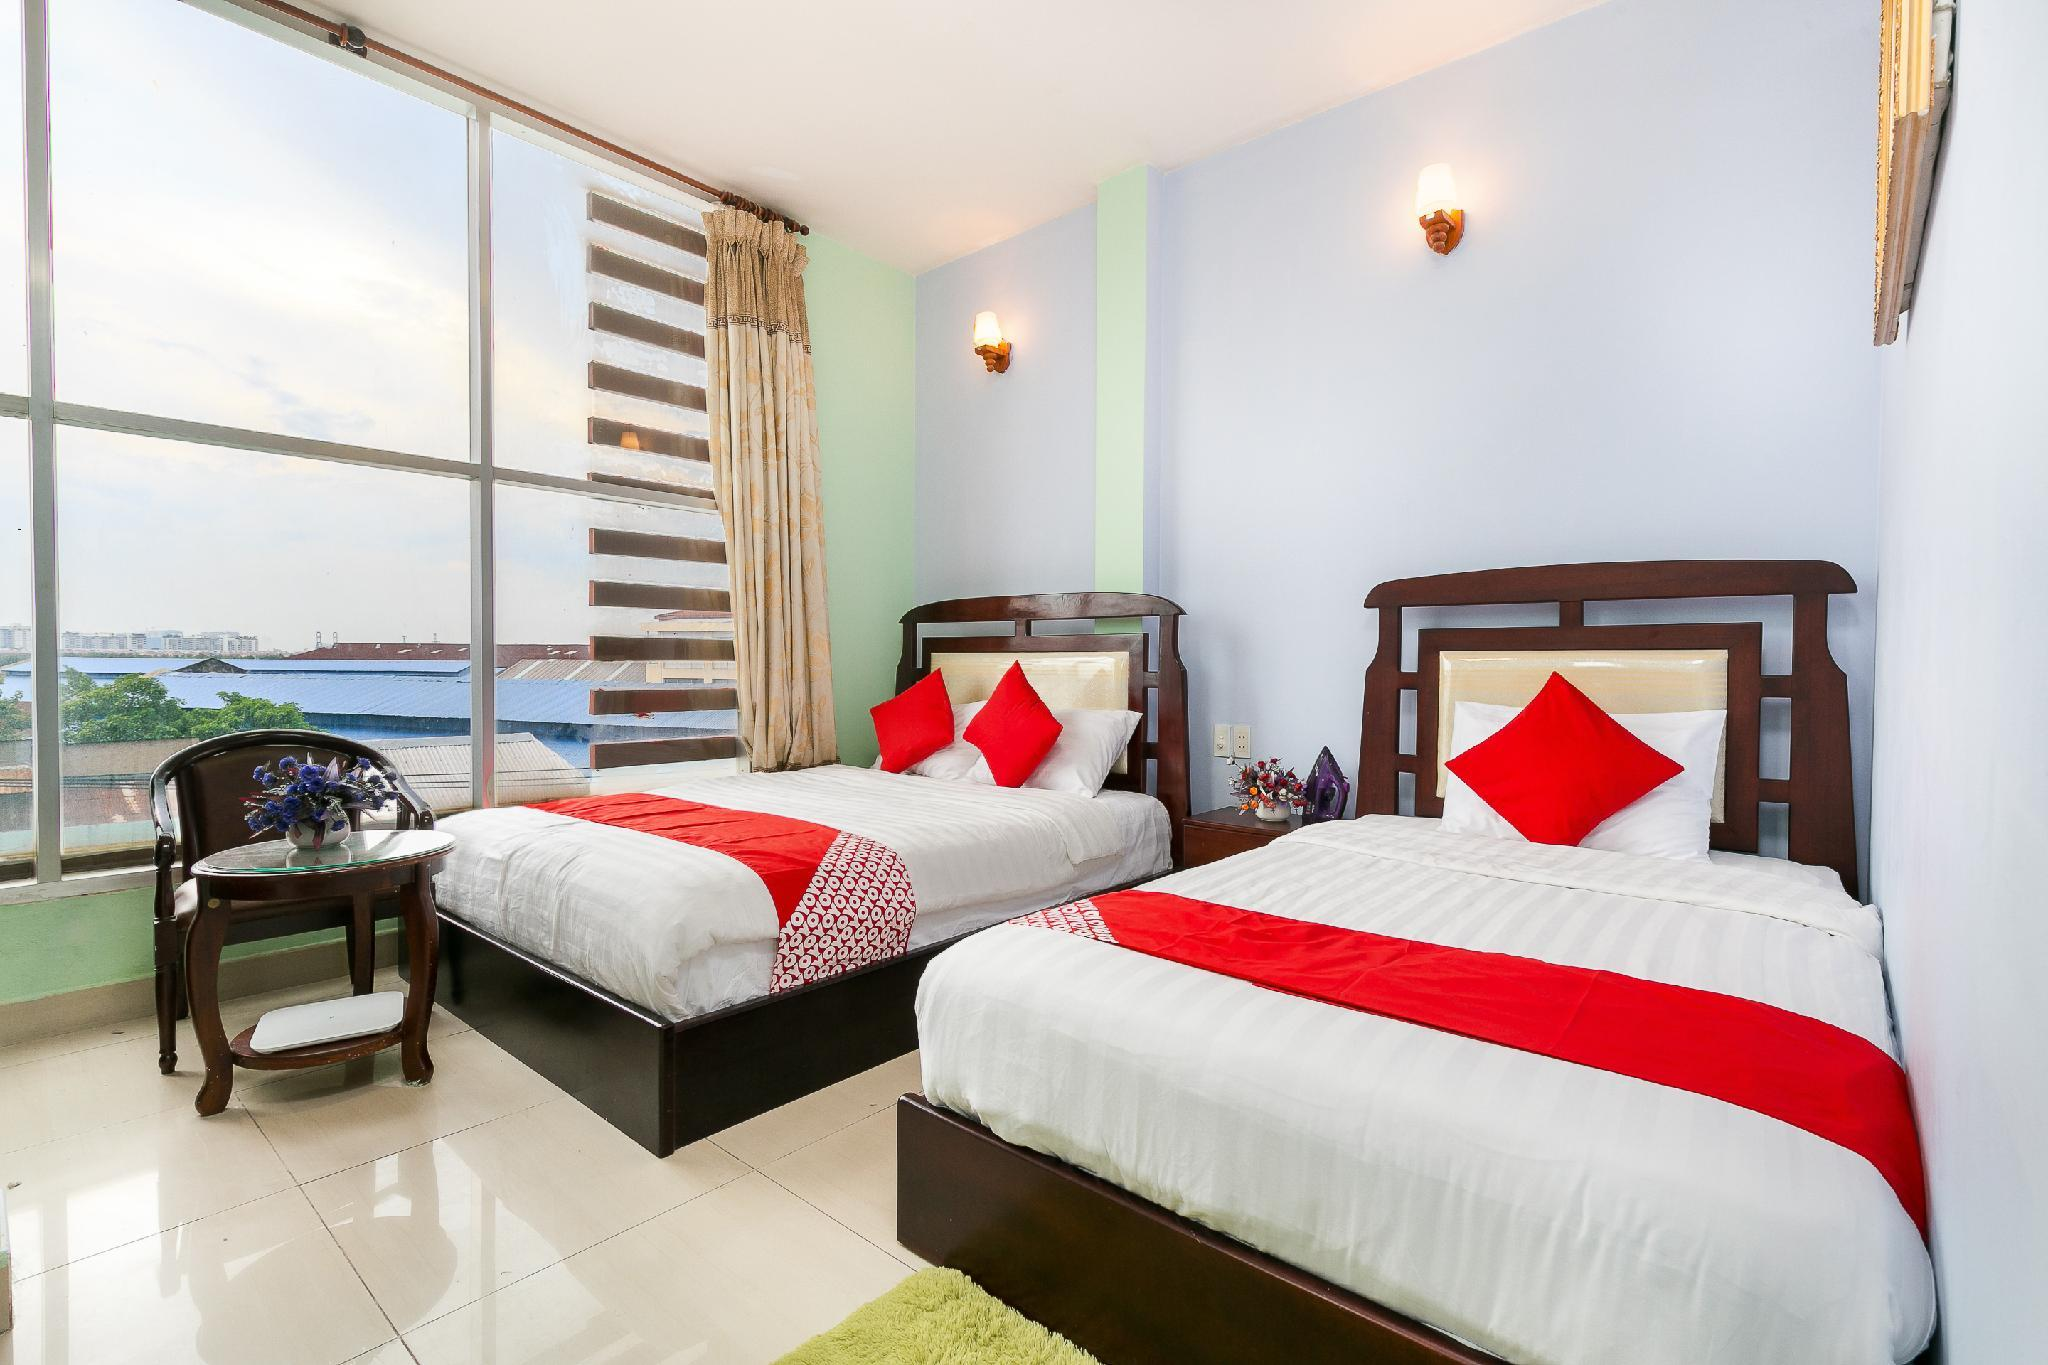 OYO 263 Nhat Hoang Hotel